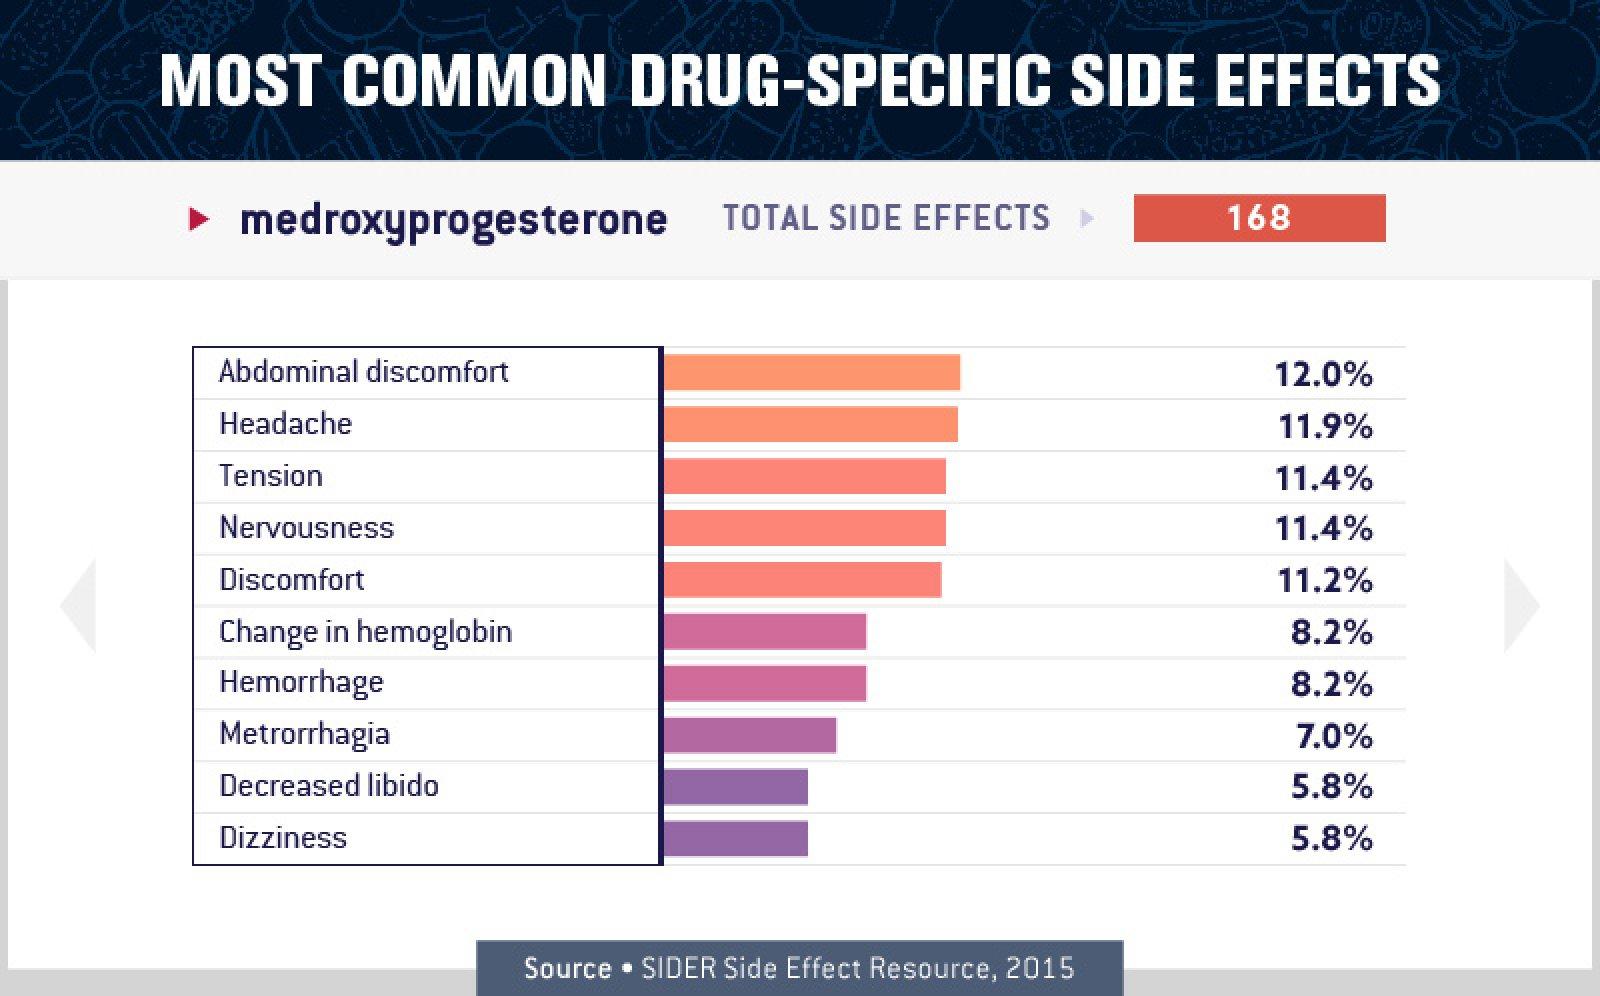 Medroxyprogesterone Side Effects